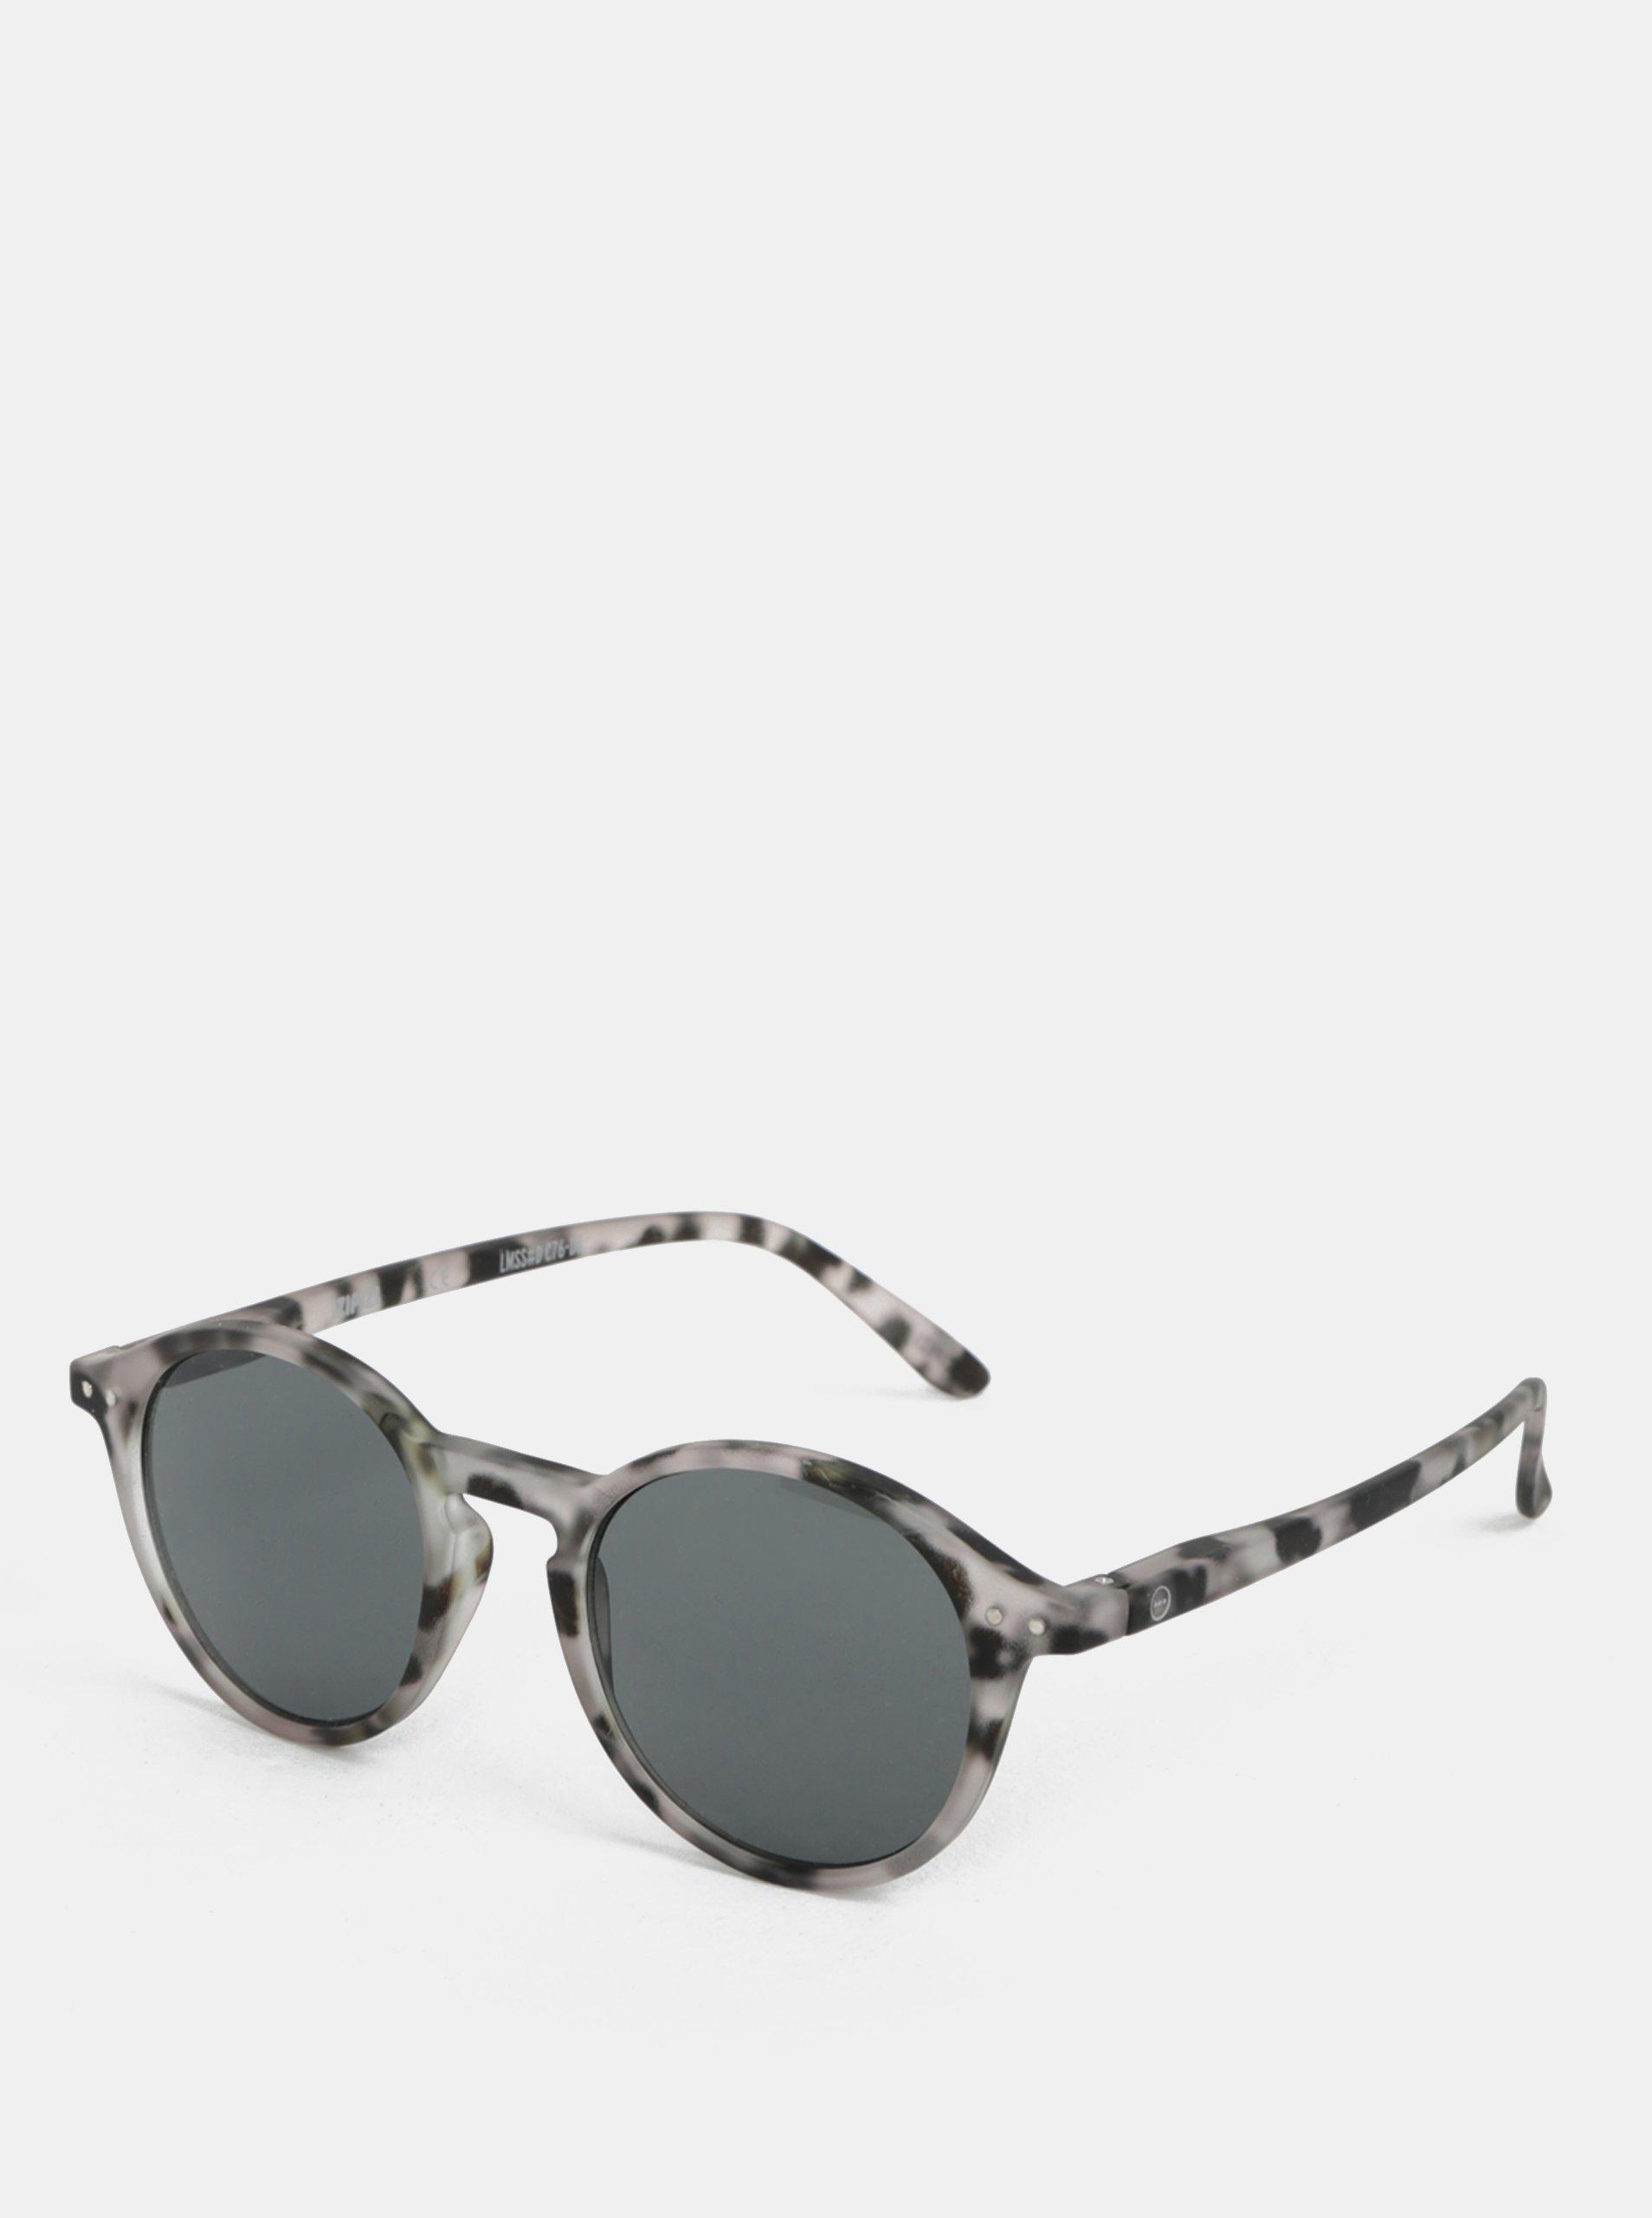 Čierno-sivé vzorované unisex slnečné okuliare IZIPIZI #D